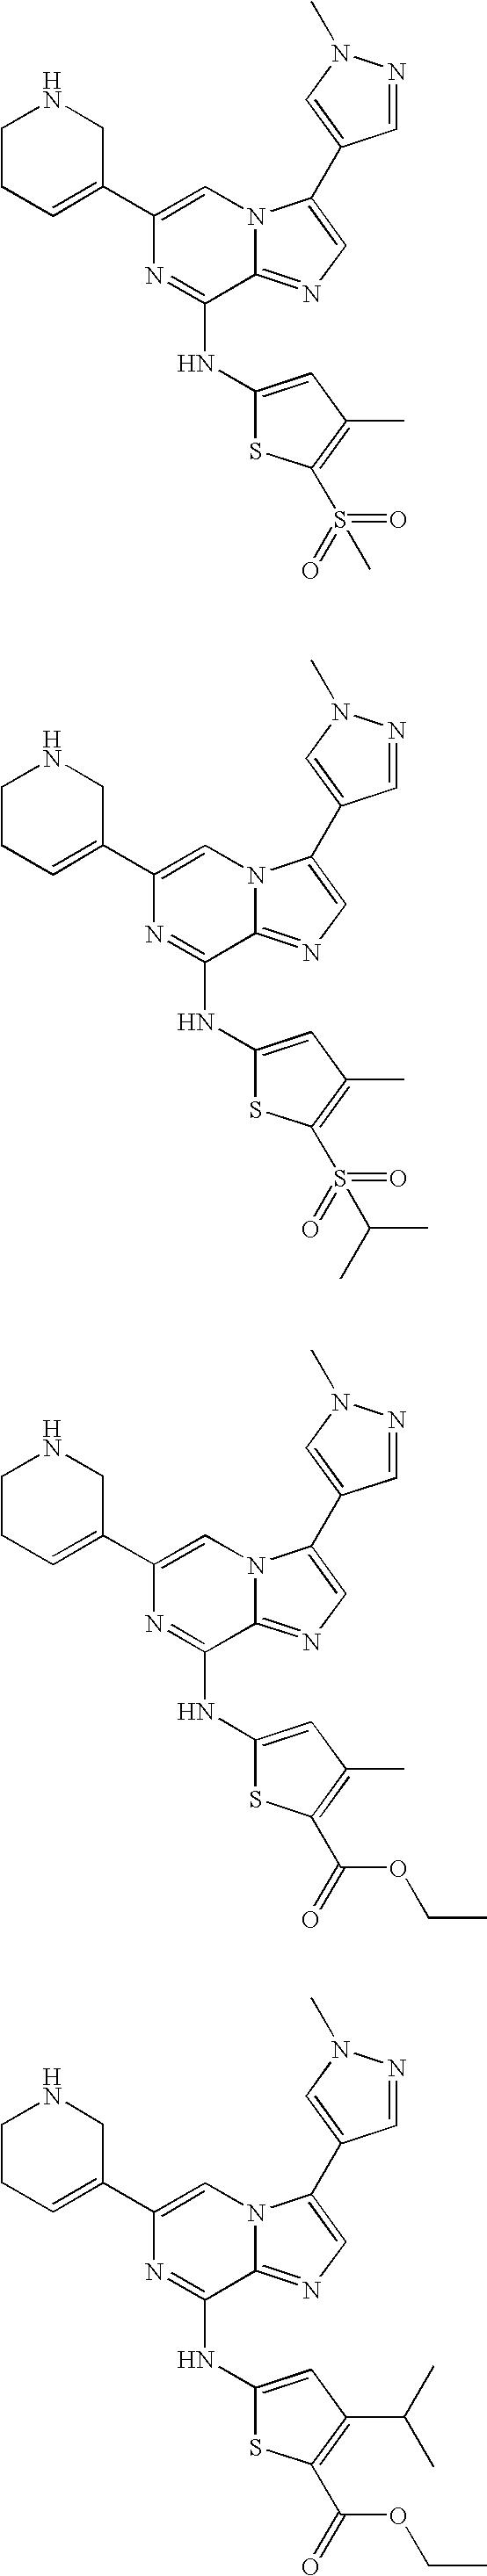 Figure US20070117804A1-20070524-C00076